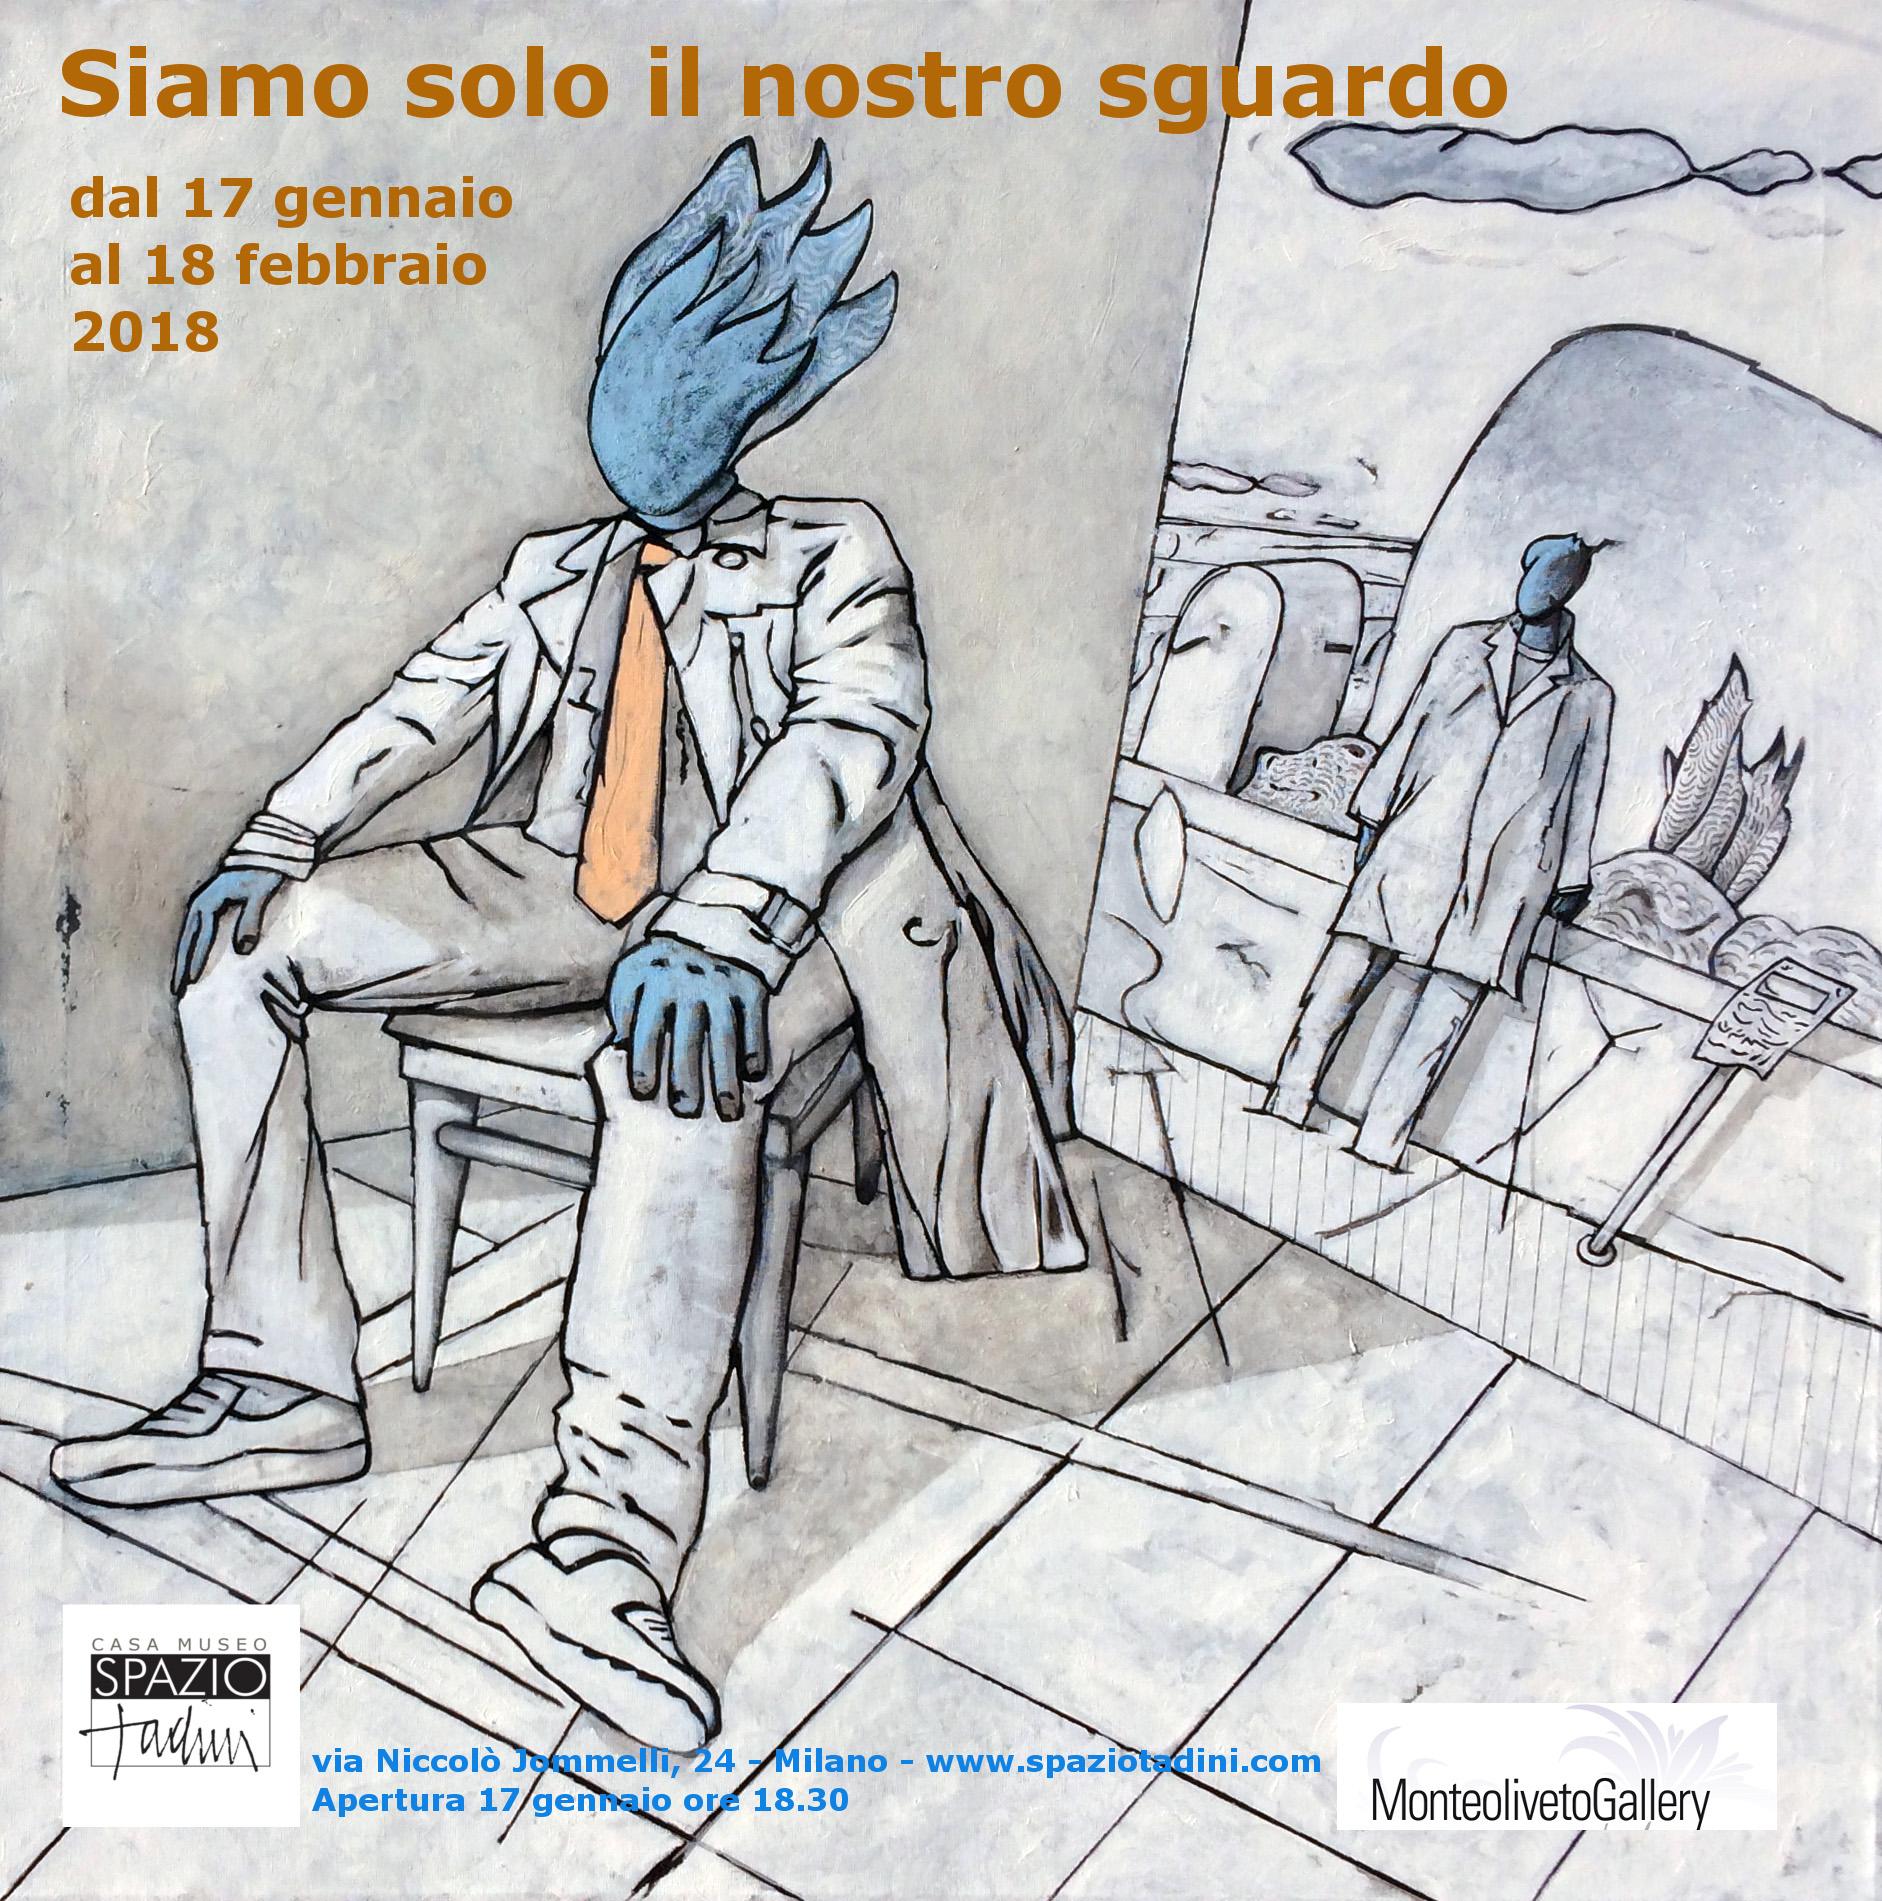 Fulvio Tornese in mostra a Milano: Siamo solo il nostro sguardo